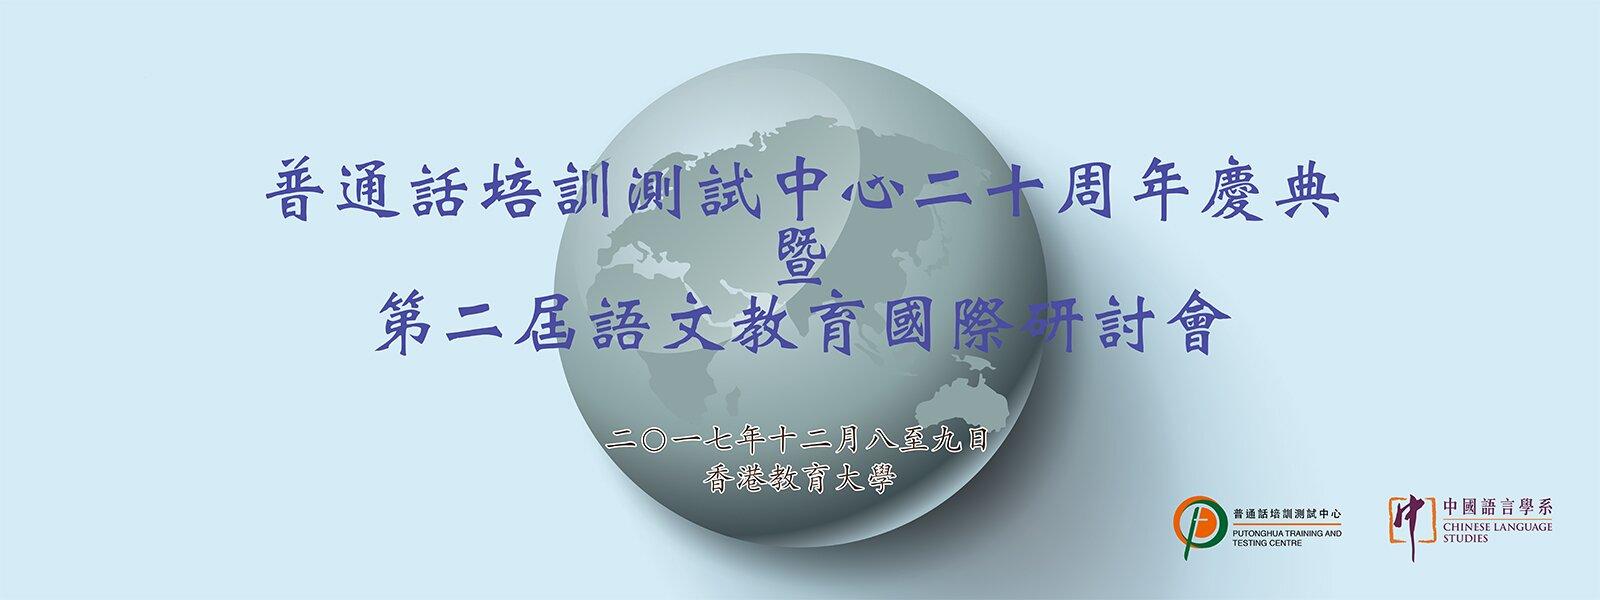 普通話培訓測試中心二十周年慶典 暨 第二屆語文教育國際研討會